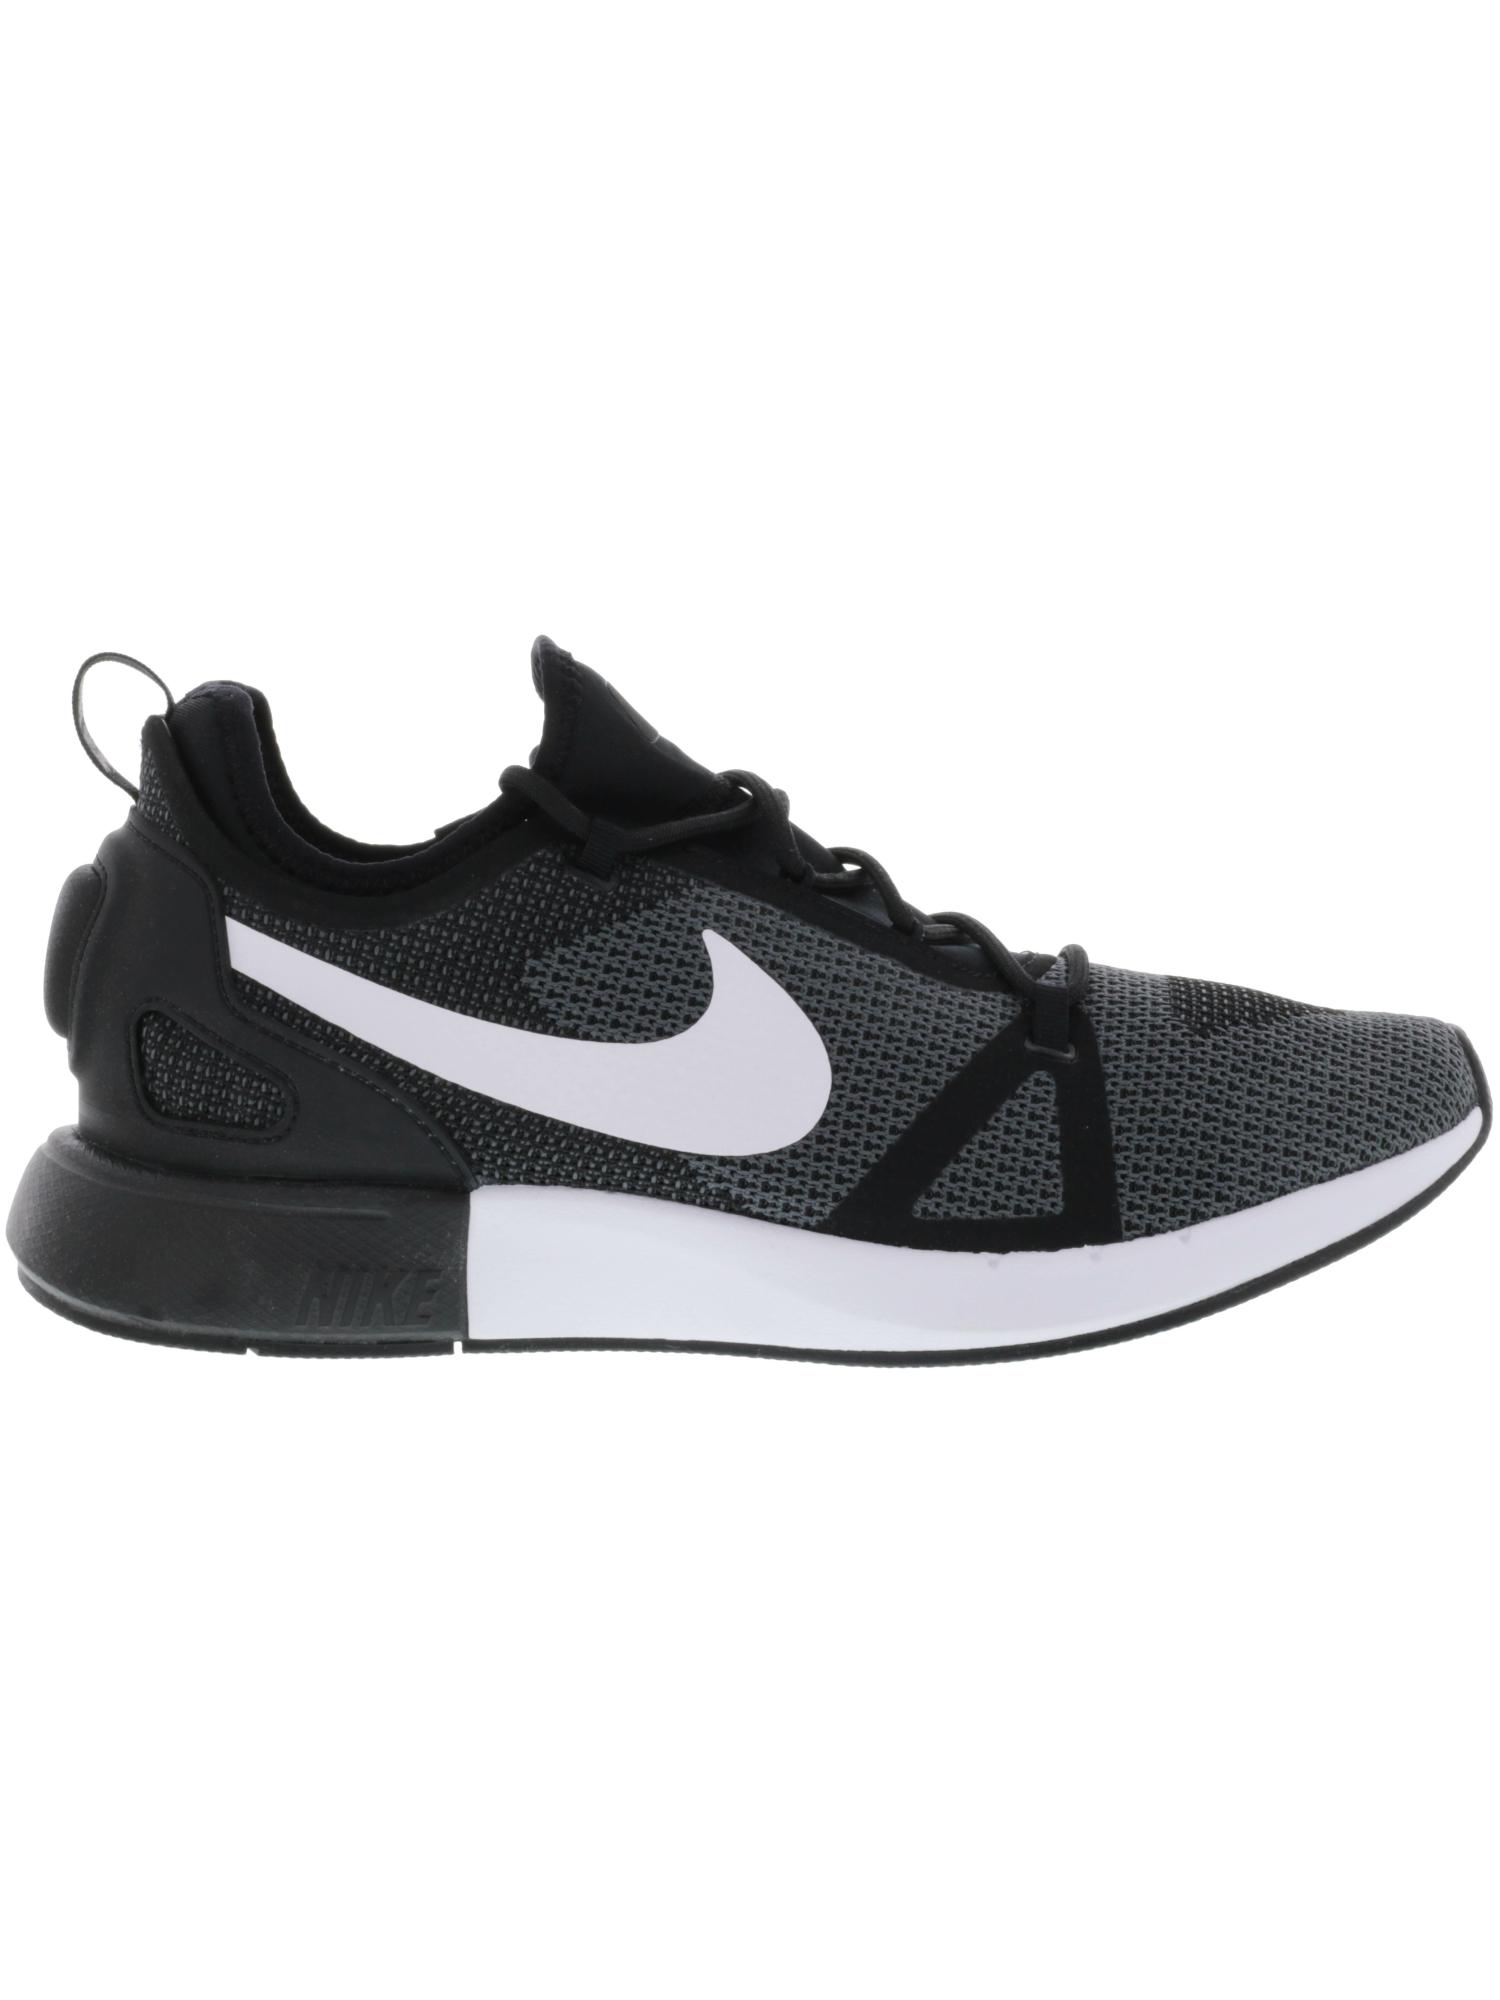 Nike-Men-039-s-Duel-Racer-Low-Top-Running-Shoe